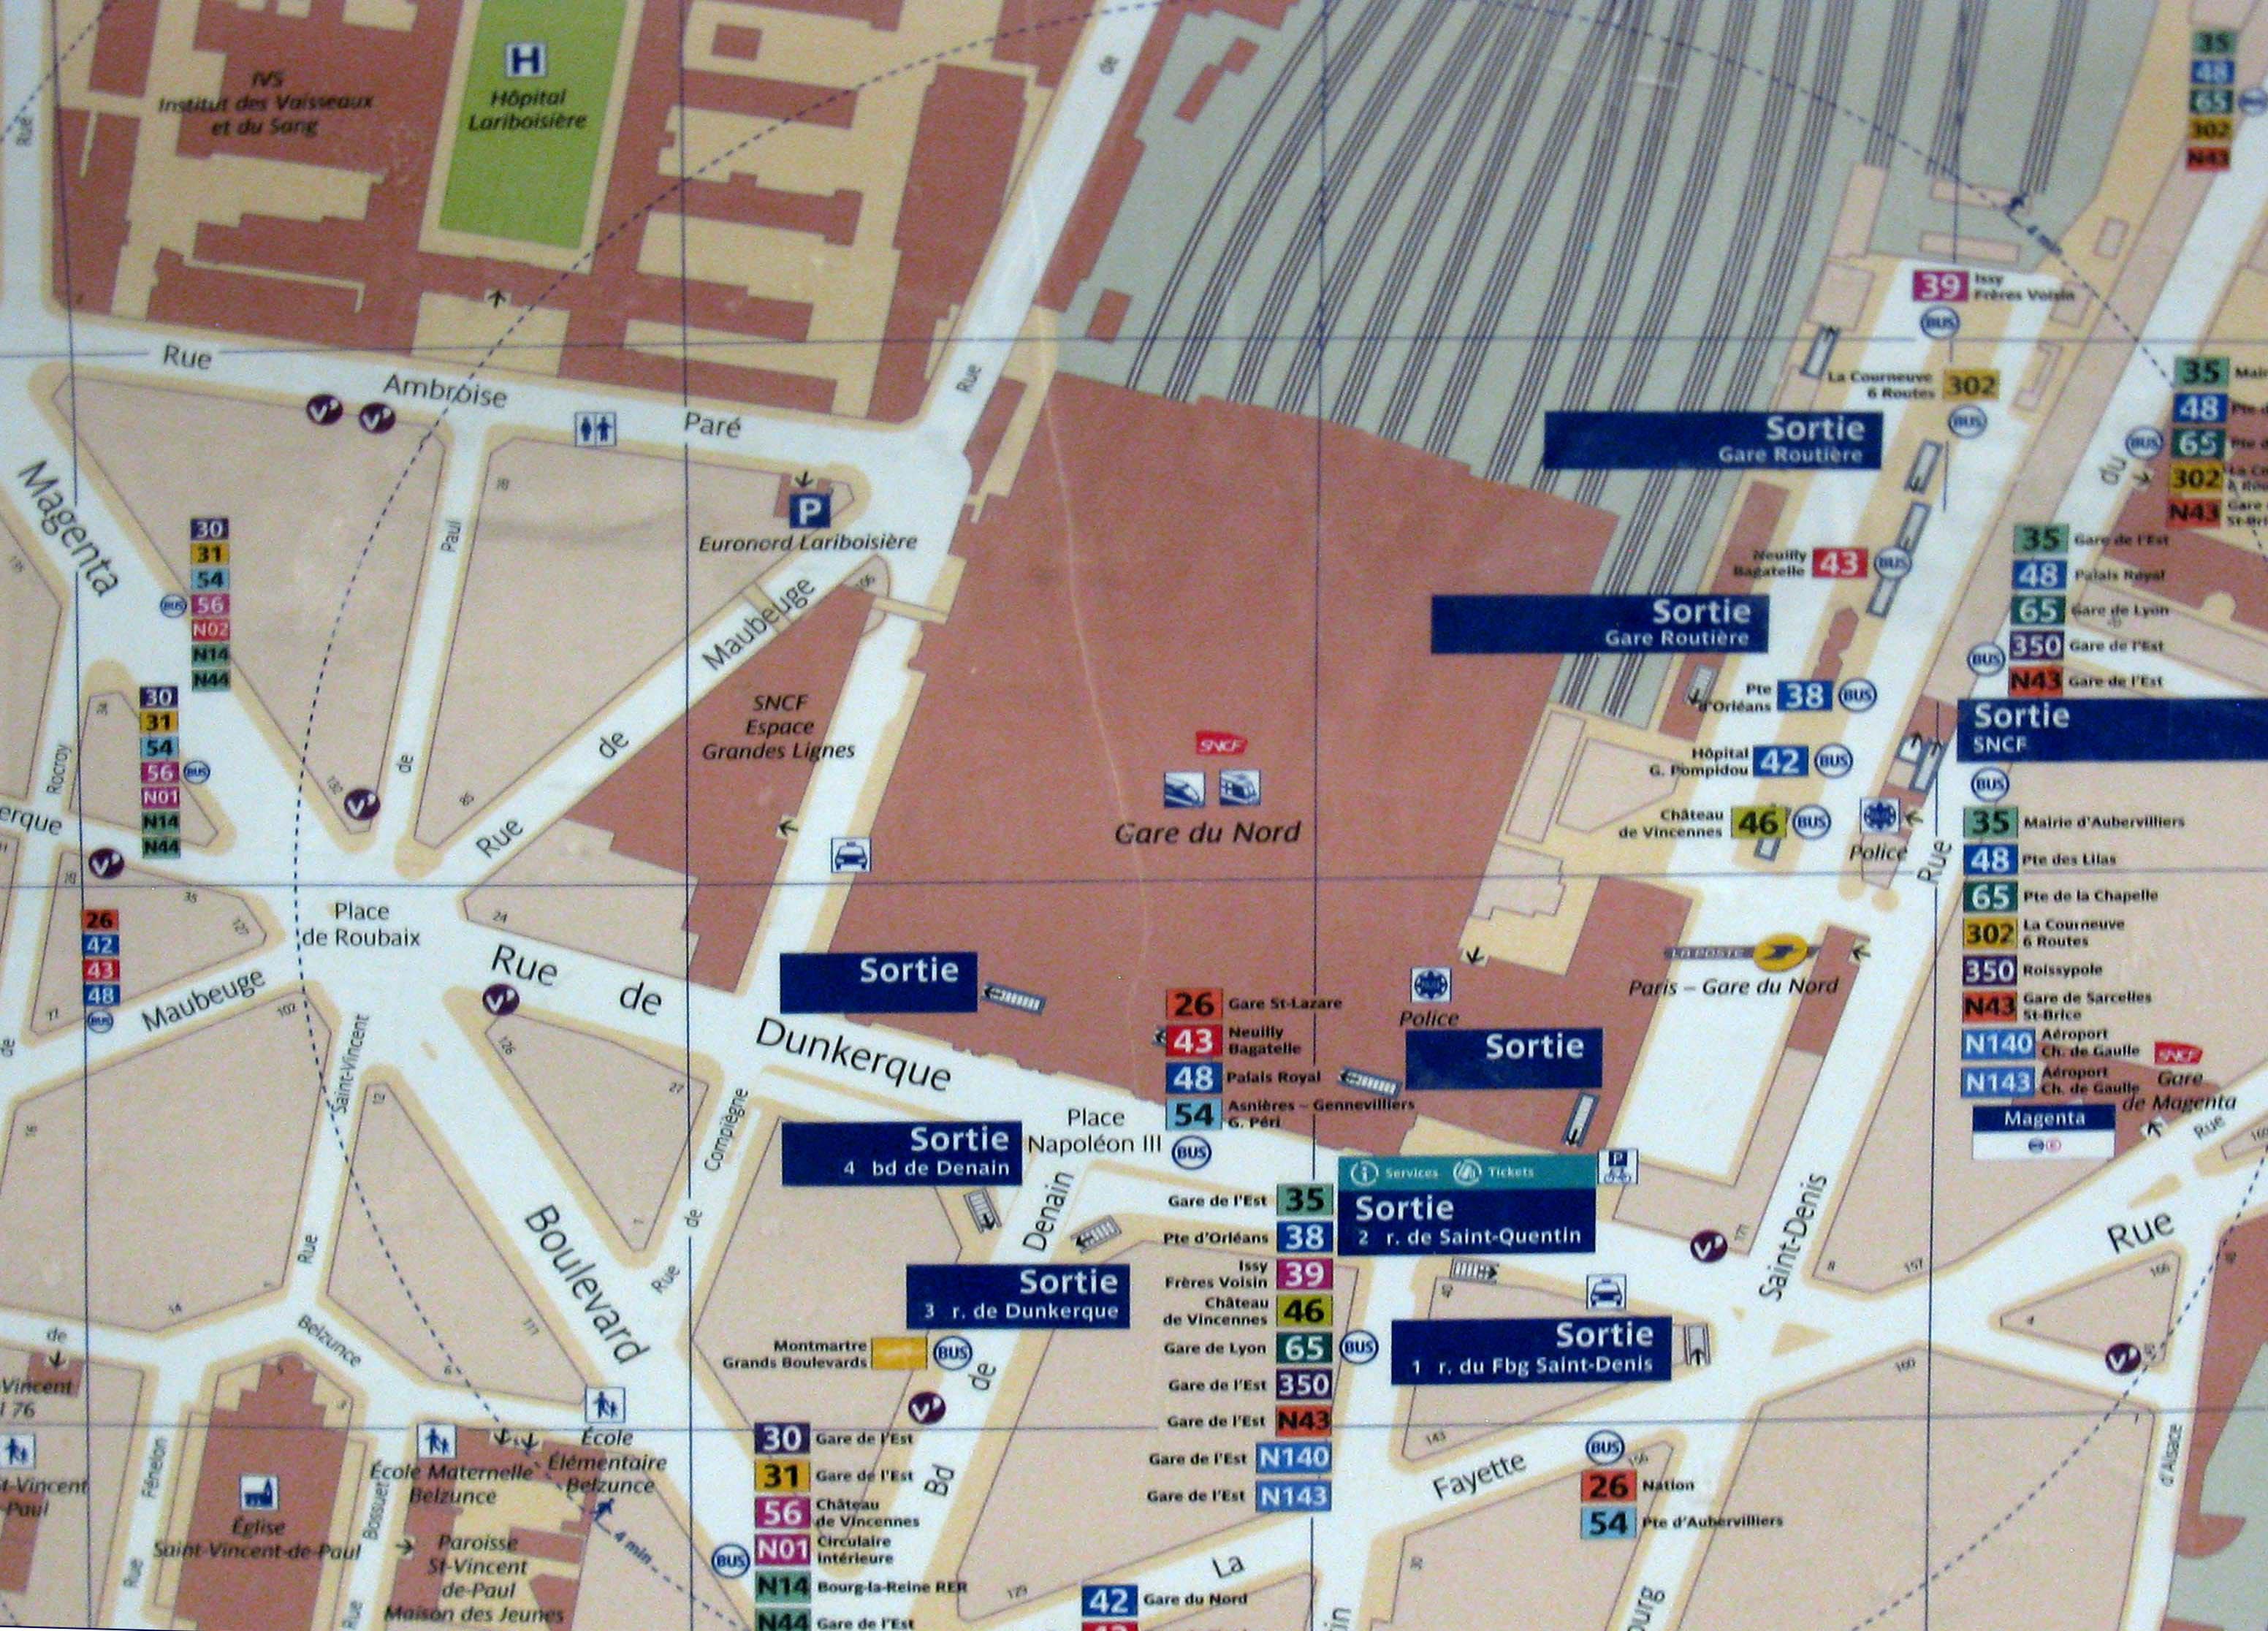 Так будет выглядеть карта метро Москвы через пять лет, в 2023 году.